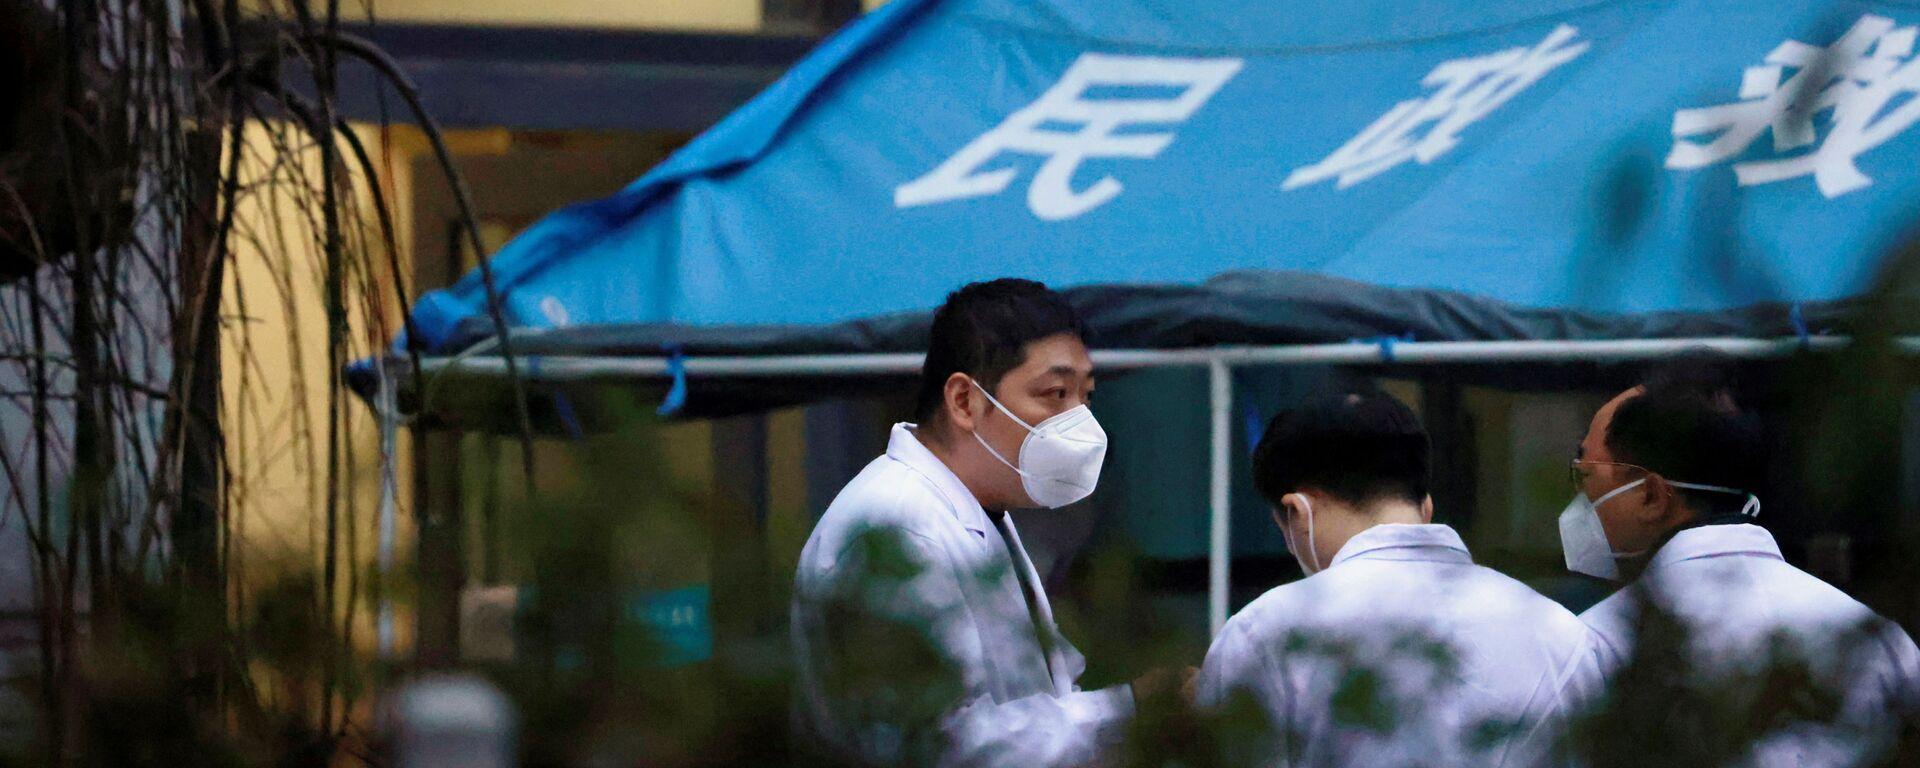 Esperti OMS in un ospedale a Wuhan, Cina - Sputnik Italia, 1920, 22.06.2021